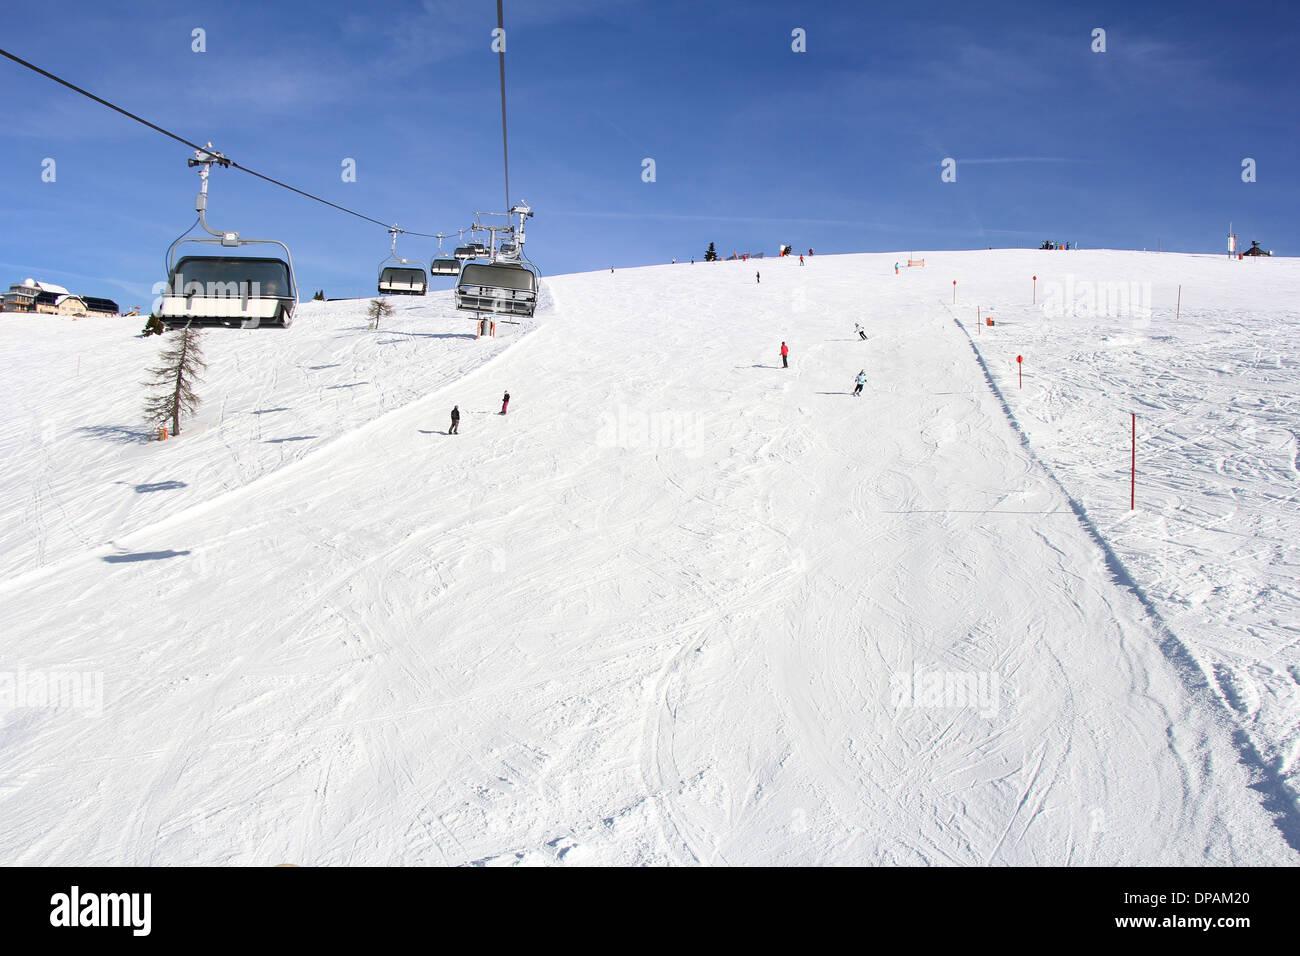 Ski lift and skiers on the Mountain ski resort Gerlitzen, Austria Stock Photo